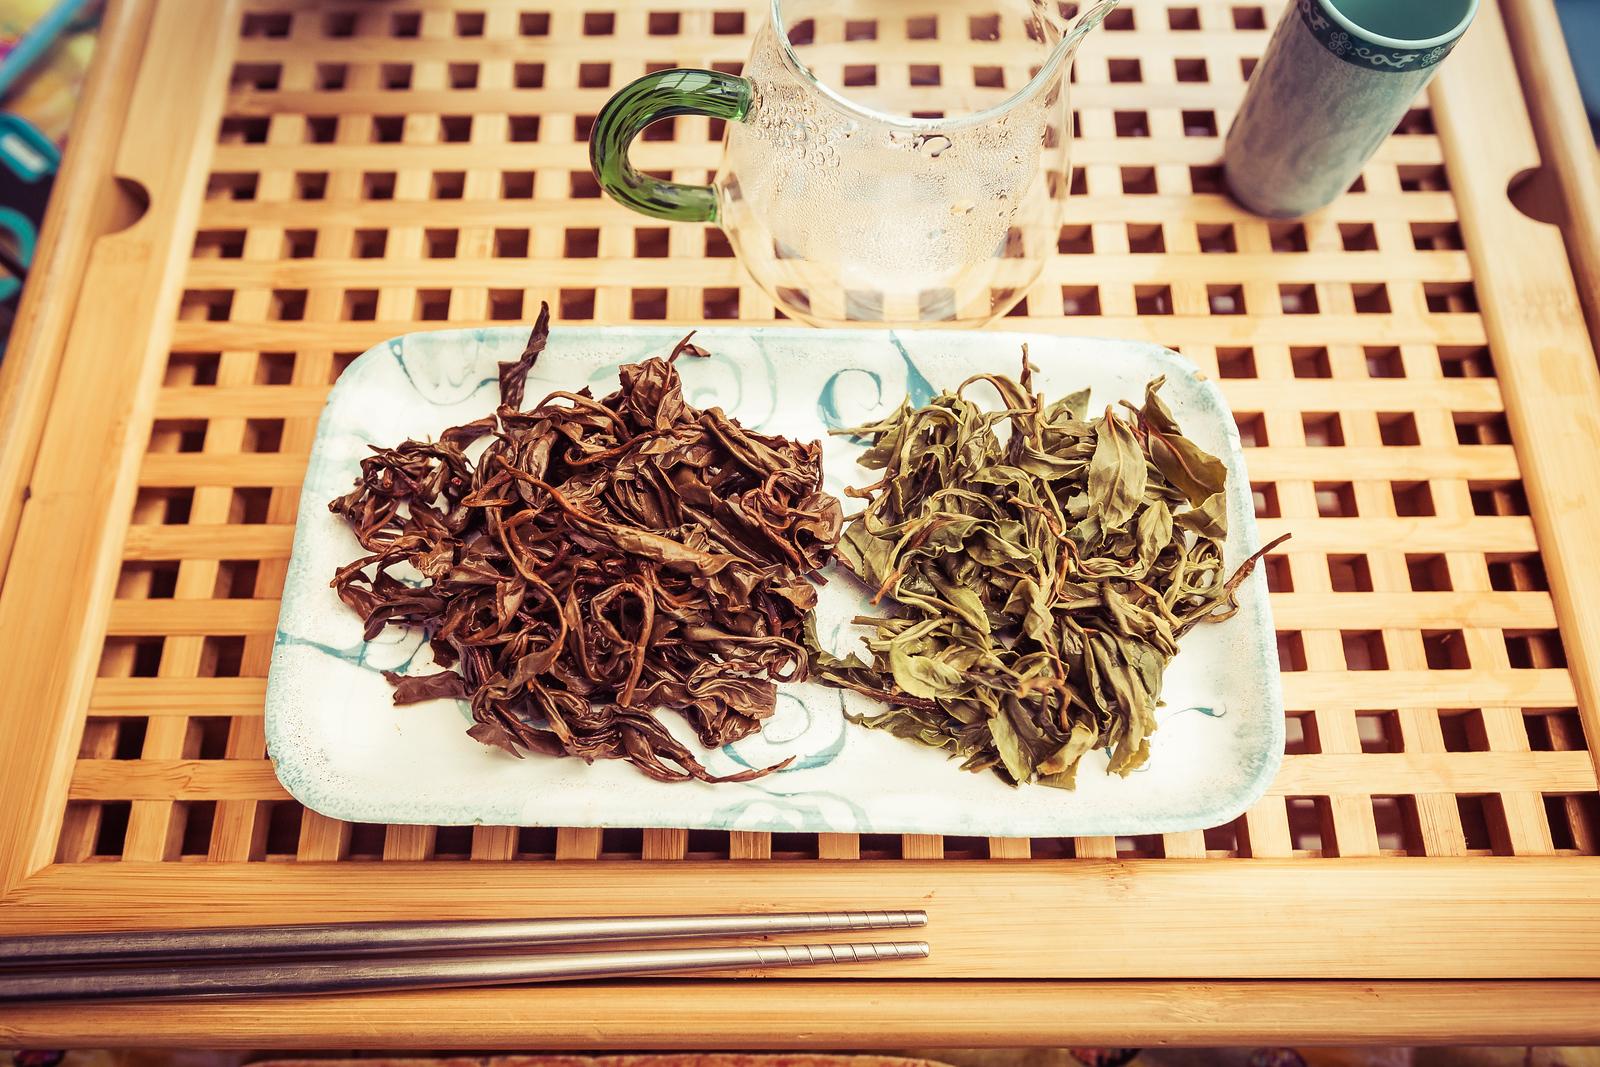 Big Island Tea Leaves